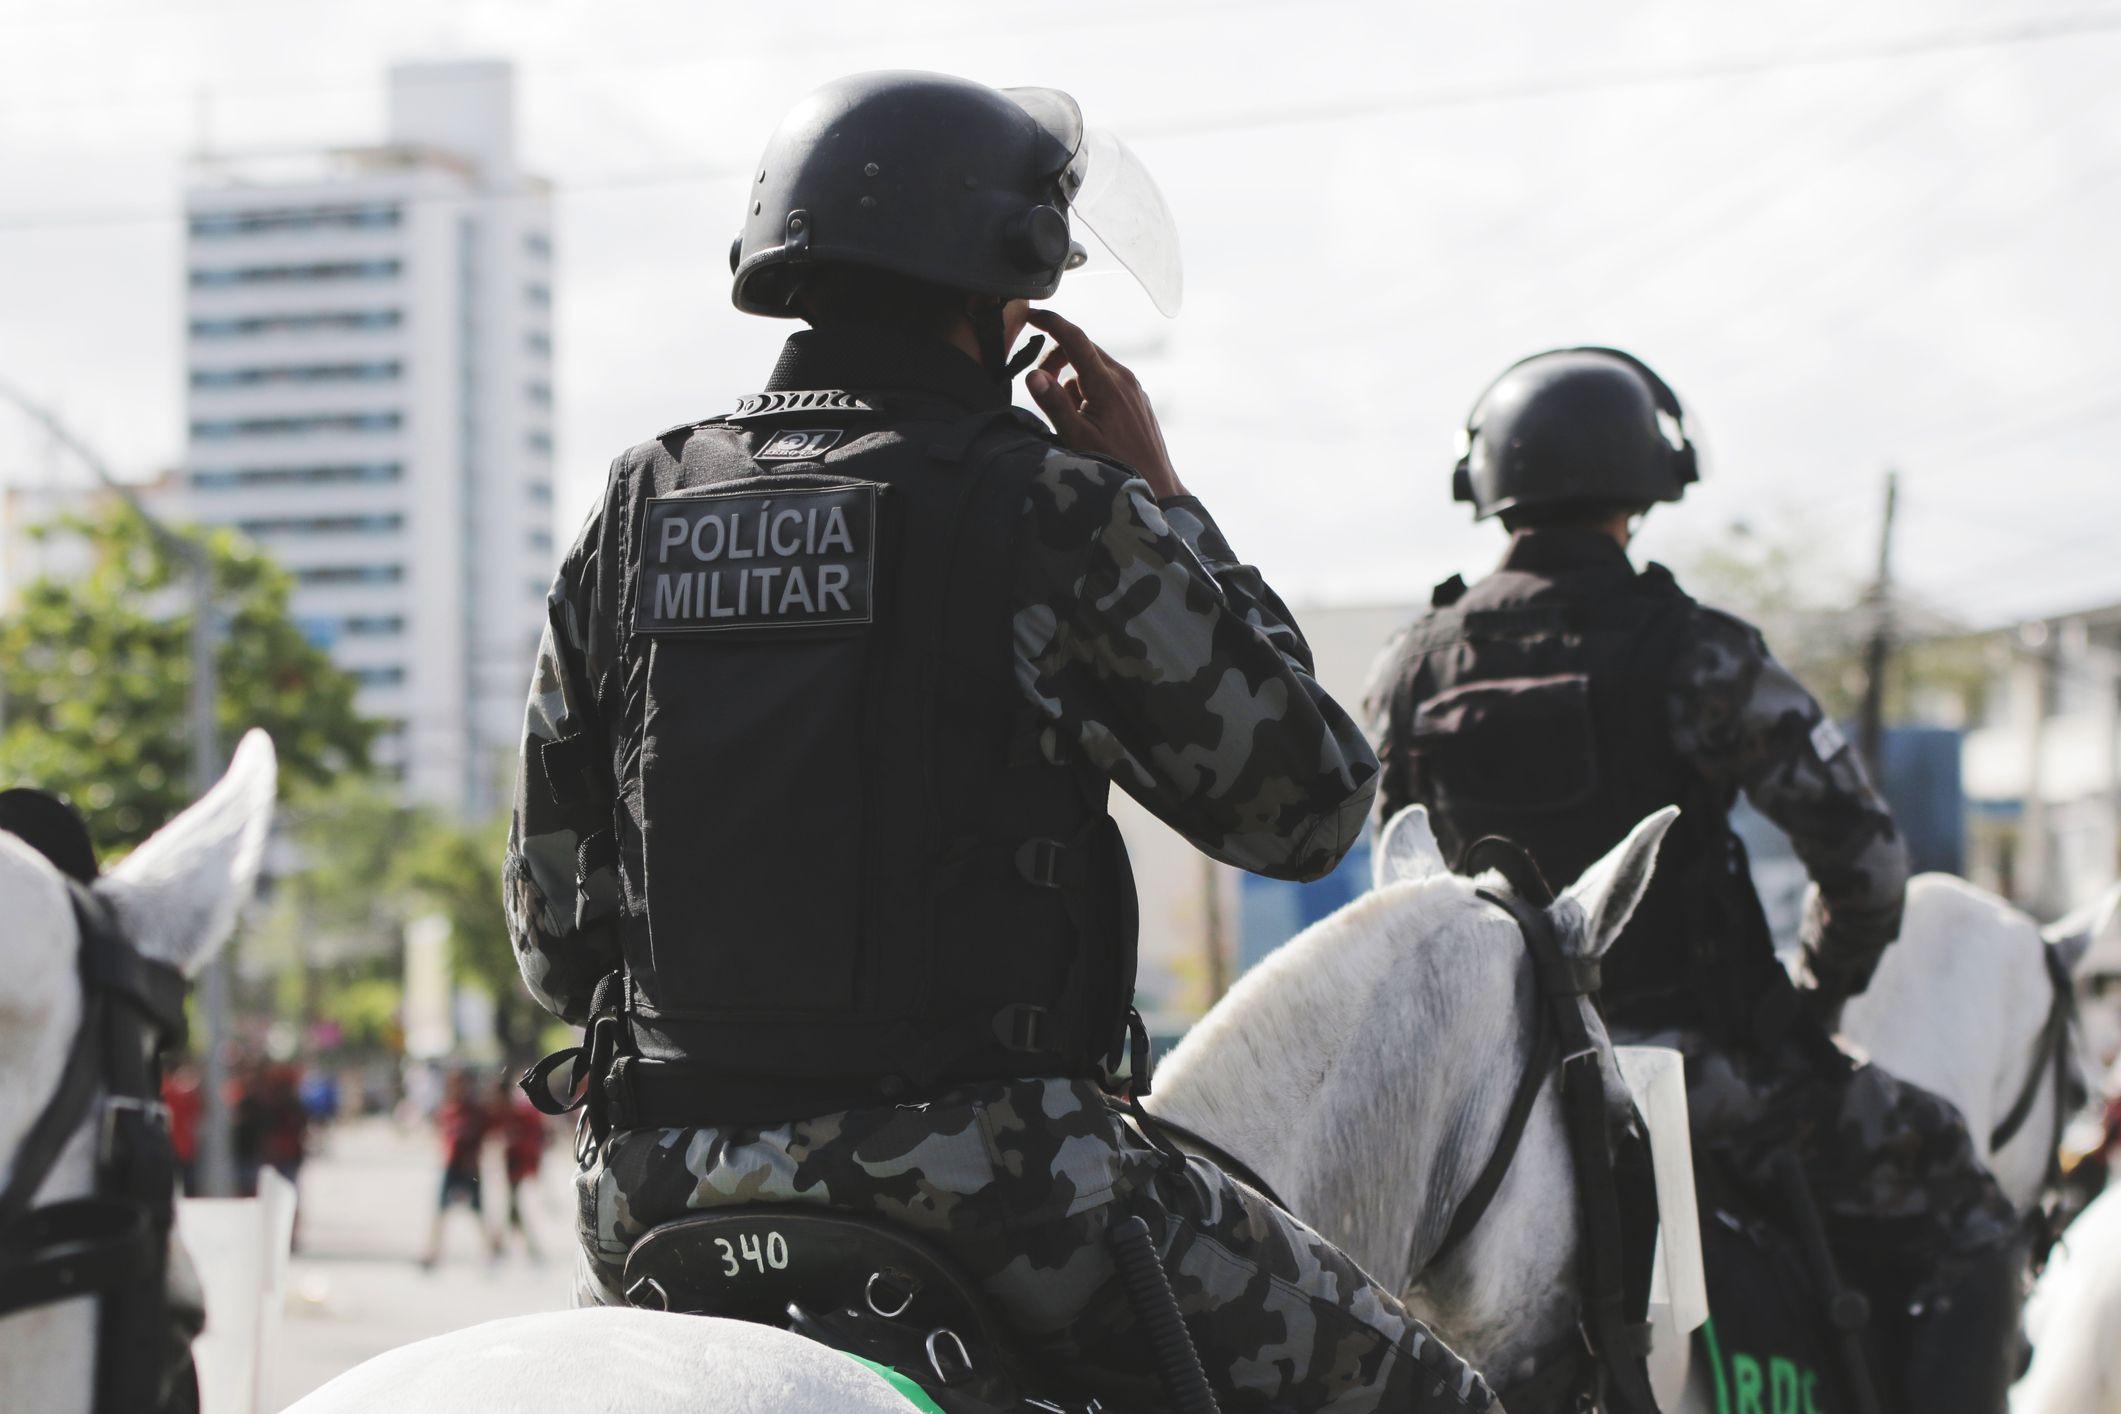 Tentativa de assalto a bancos termina com pelo menos 10 mortos no Brasil